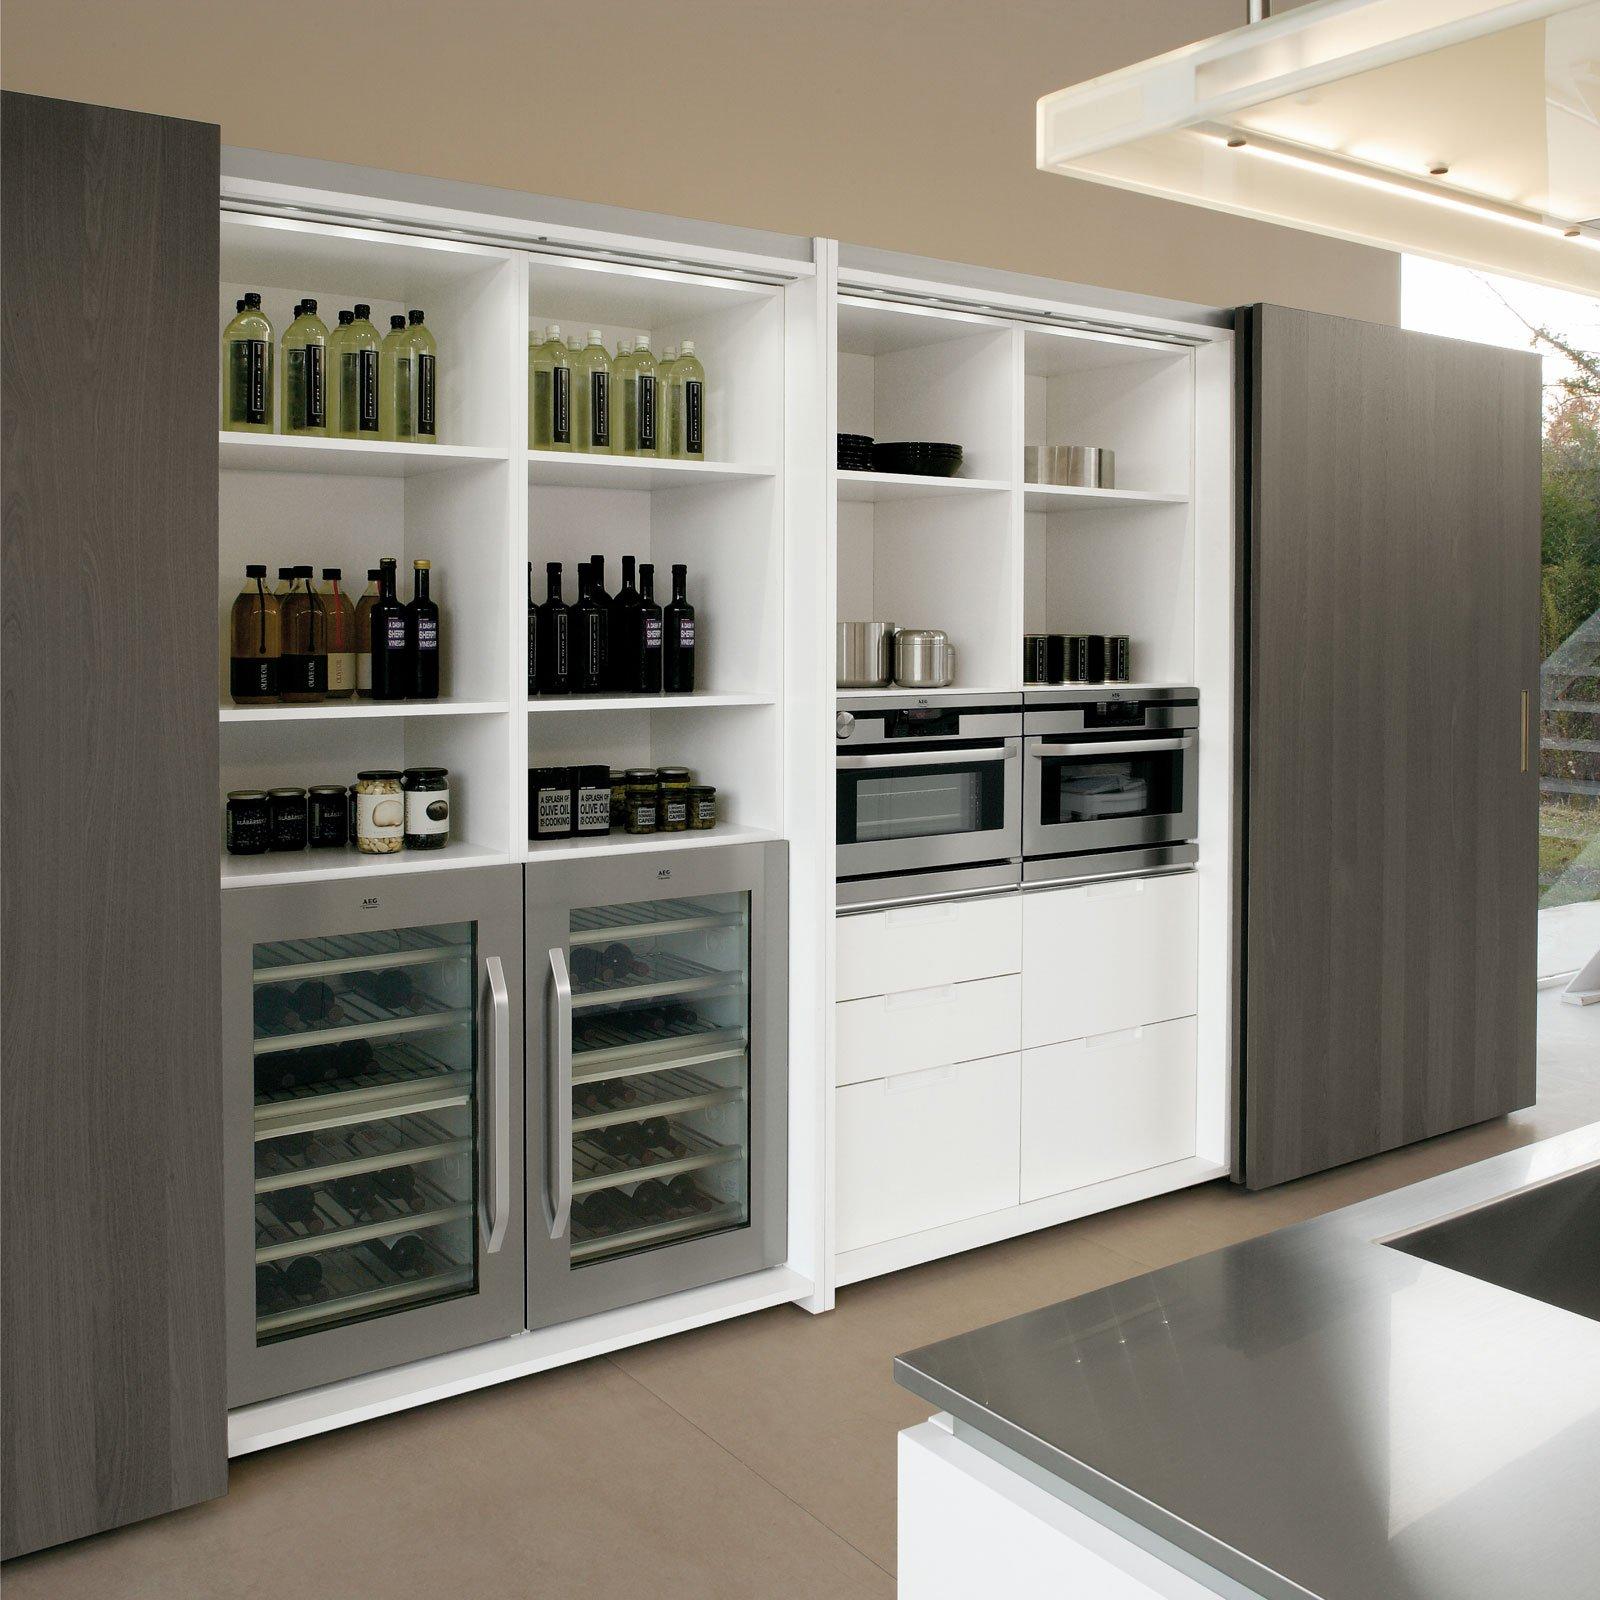 Cucina la comodit dipende anche dall 39 interno cose di casa - Cucine con dispensa ...